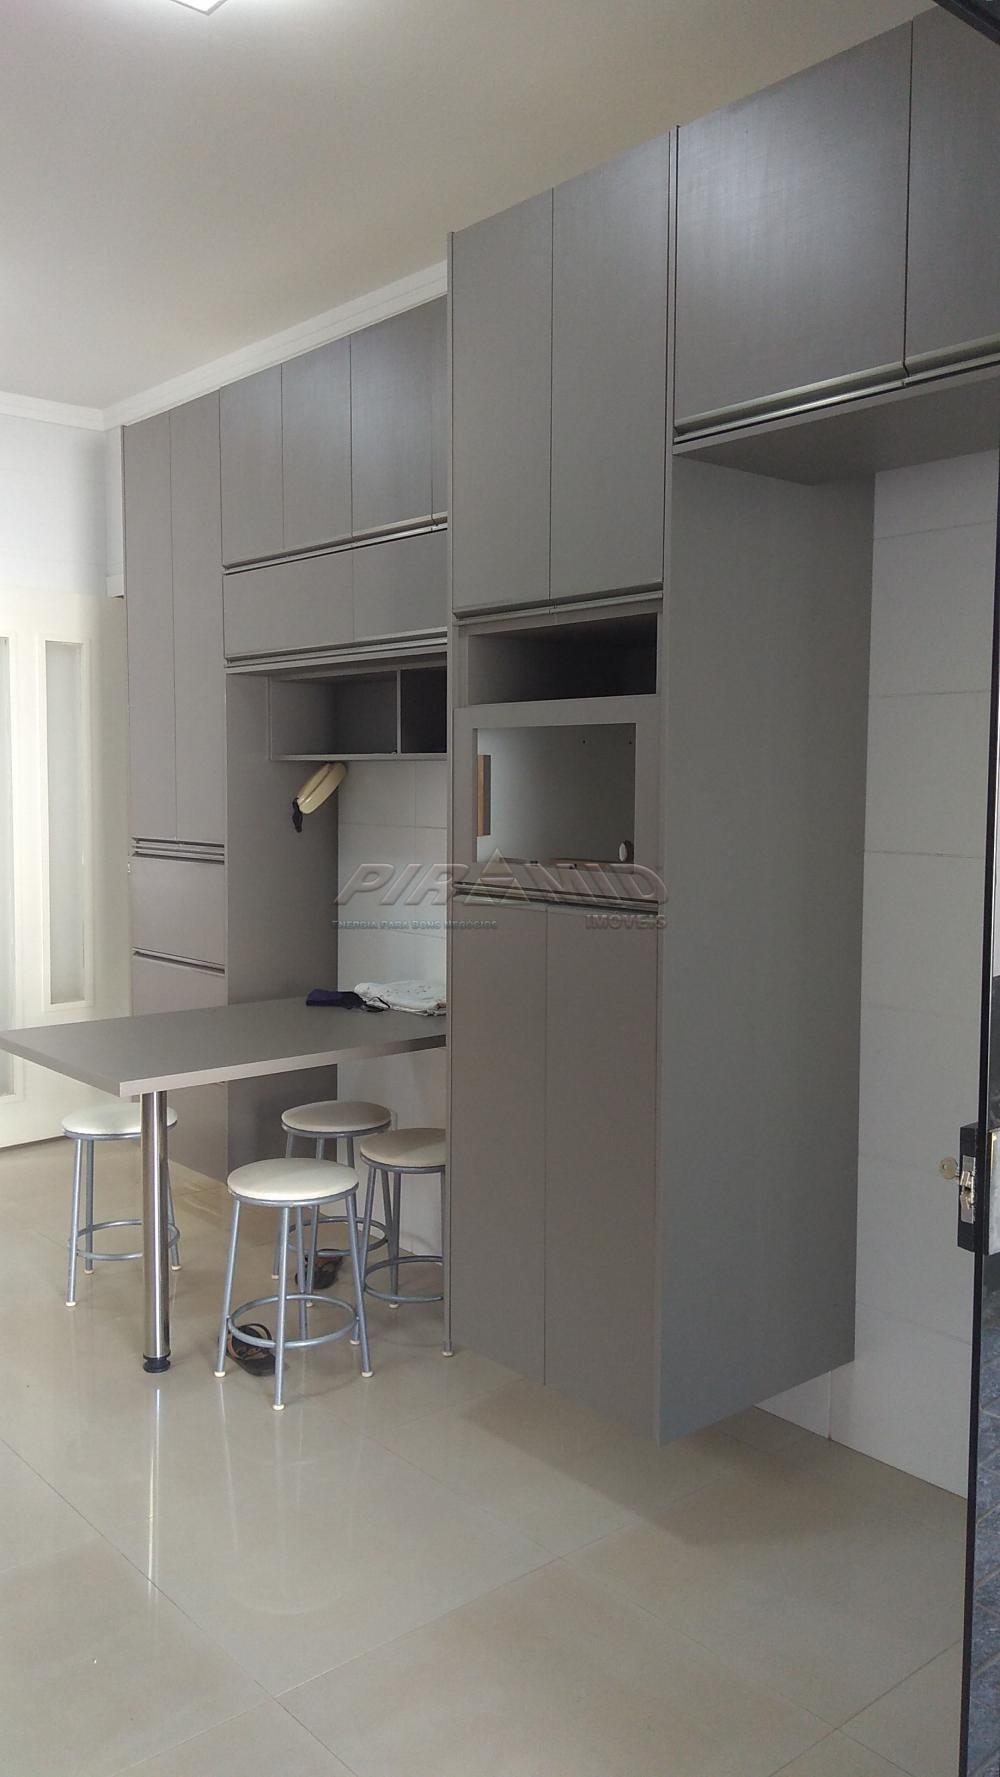 Alugar Casa / Condomínio em Ribeirão Preto R$ 7.500,00 - Foto 4